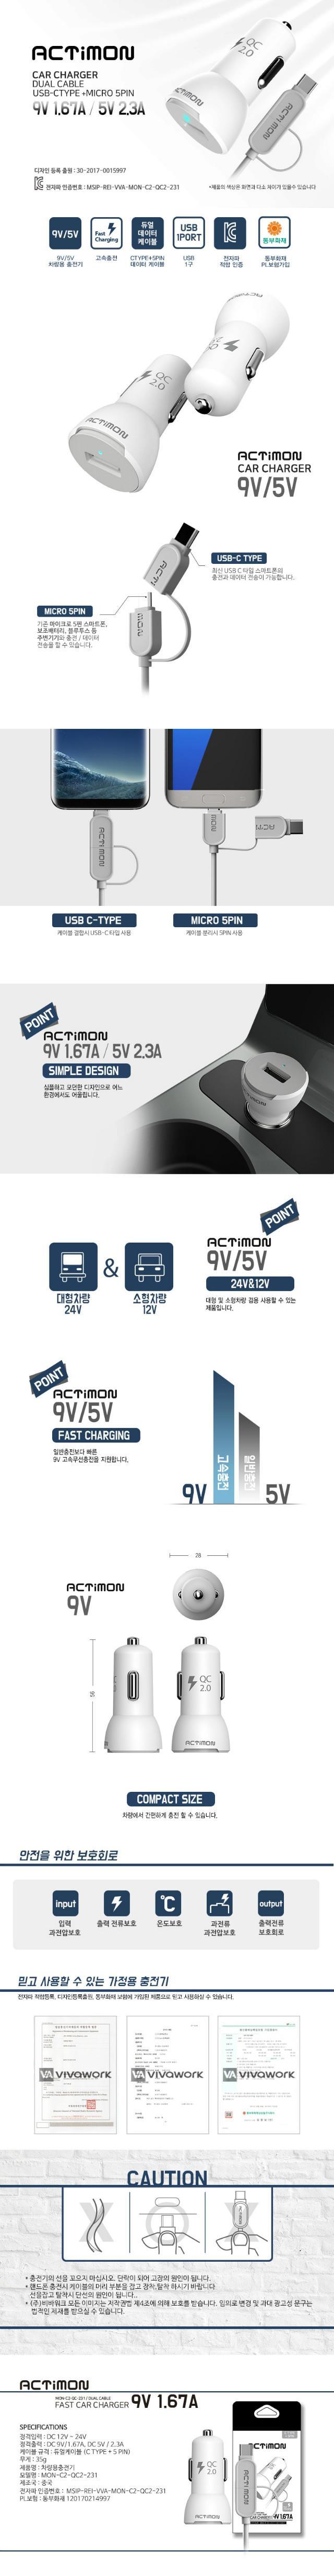 (액티몬) 급속 차량용 충전기 9V2A 12V1.5A 18W (분리 휴대폰충전기 다용도충전 휴대충전기 자동차충전기 다용도충전기